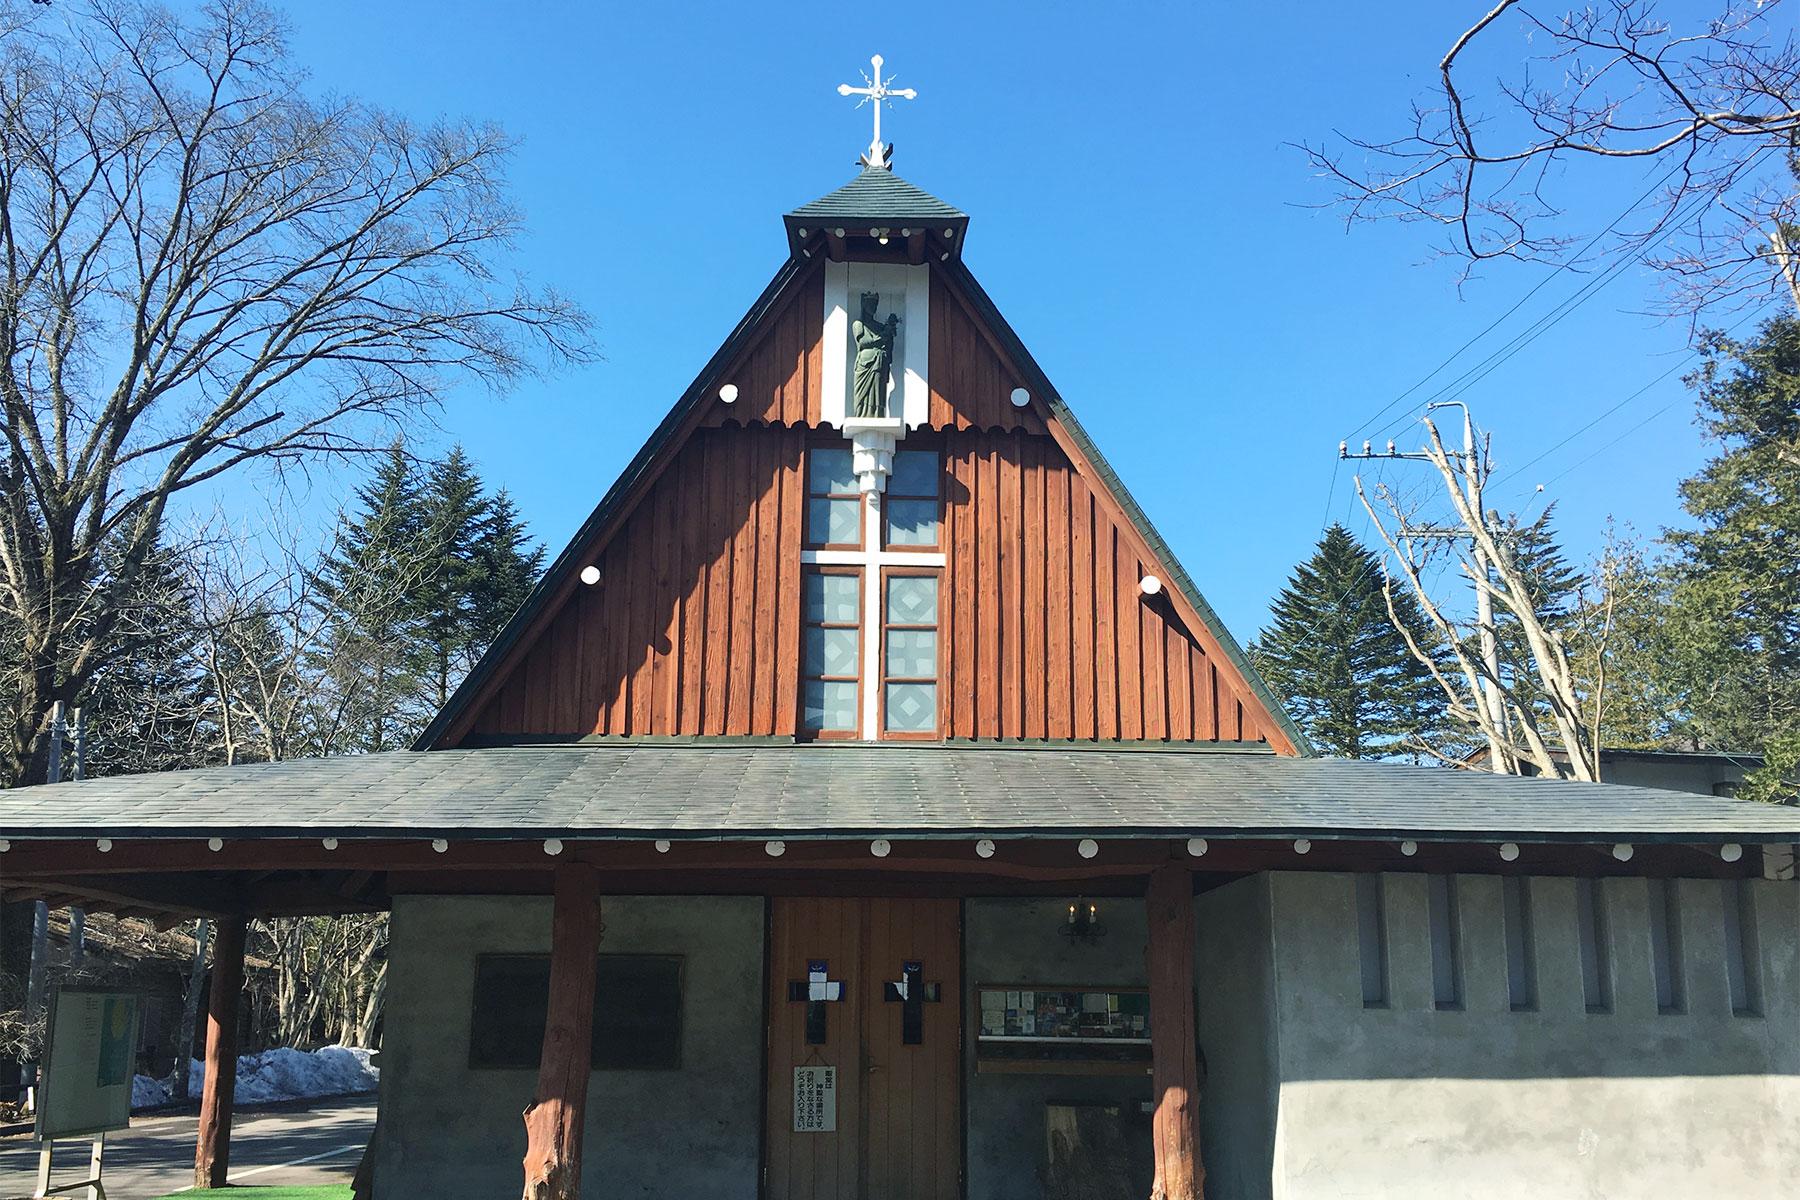 軽井沢聖パウロカトリック教会の画像です